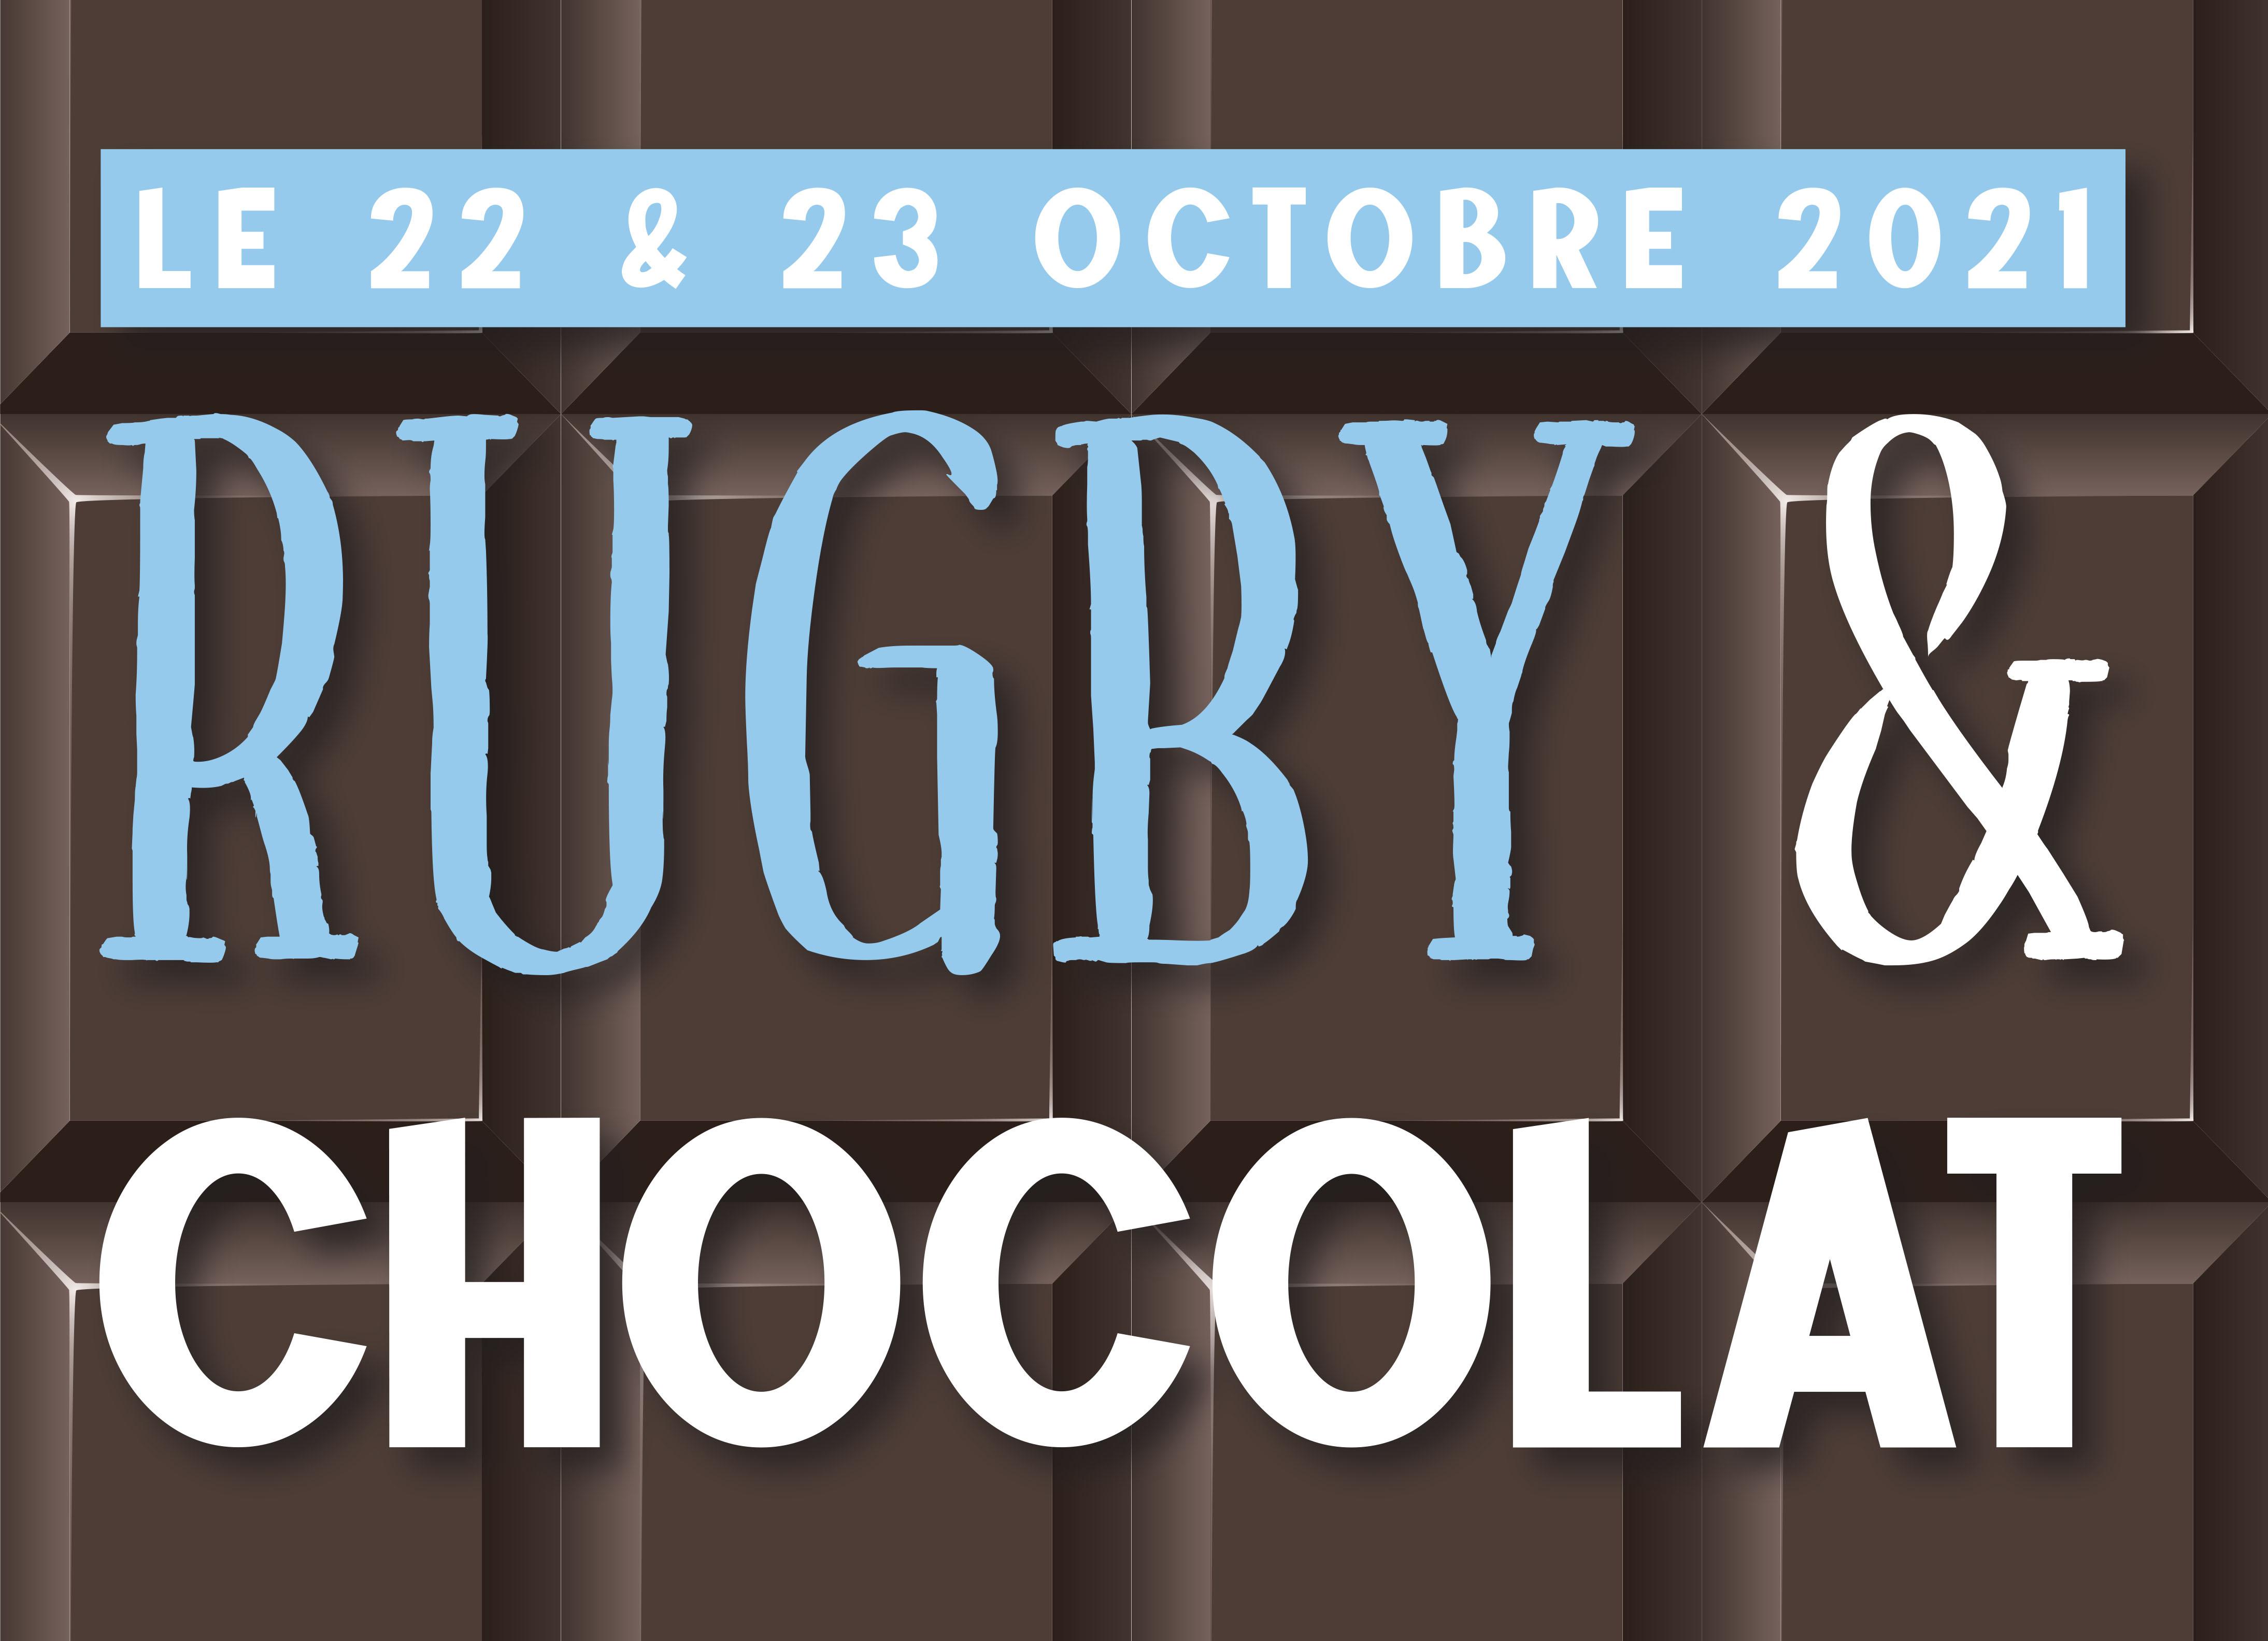 événement Rugby et chocolat à Bayonne